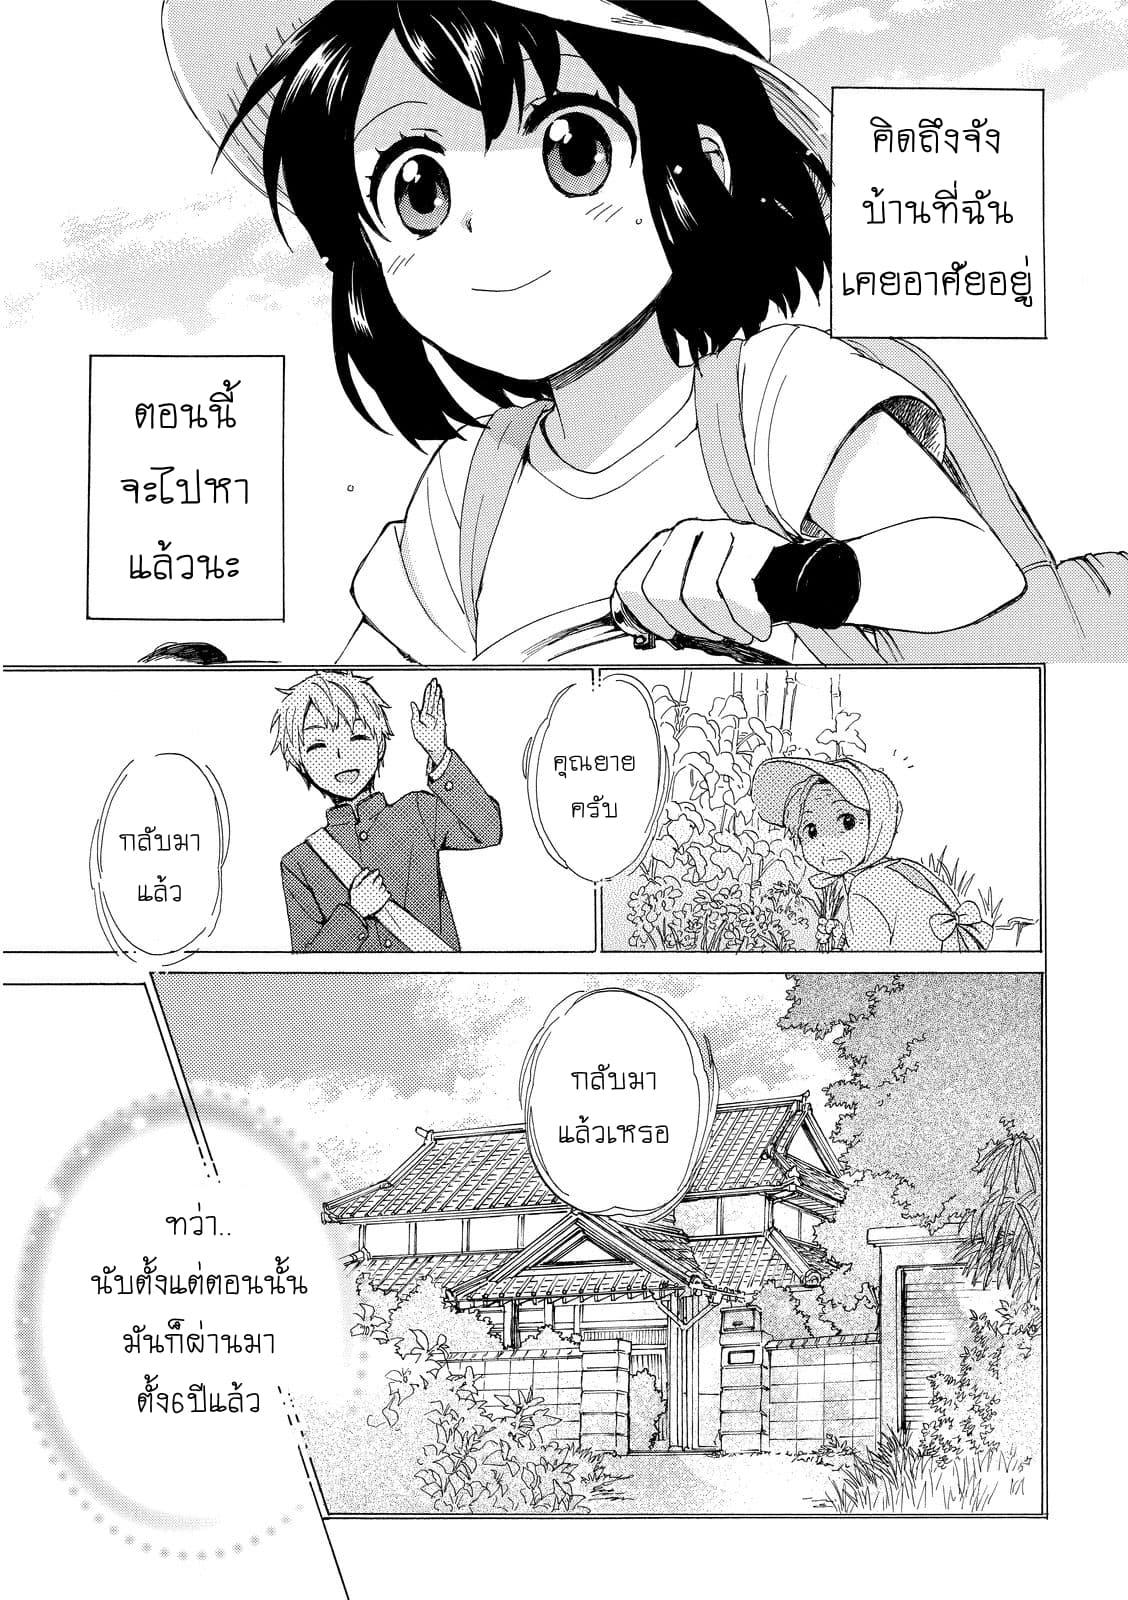 อ่านการ์ตูน Roujoteki Shoujo Hinata-chan ตอนที่ 11 หน้าที่ 3